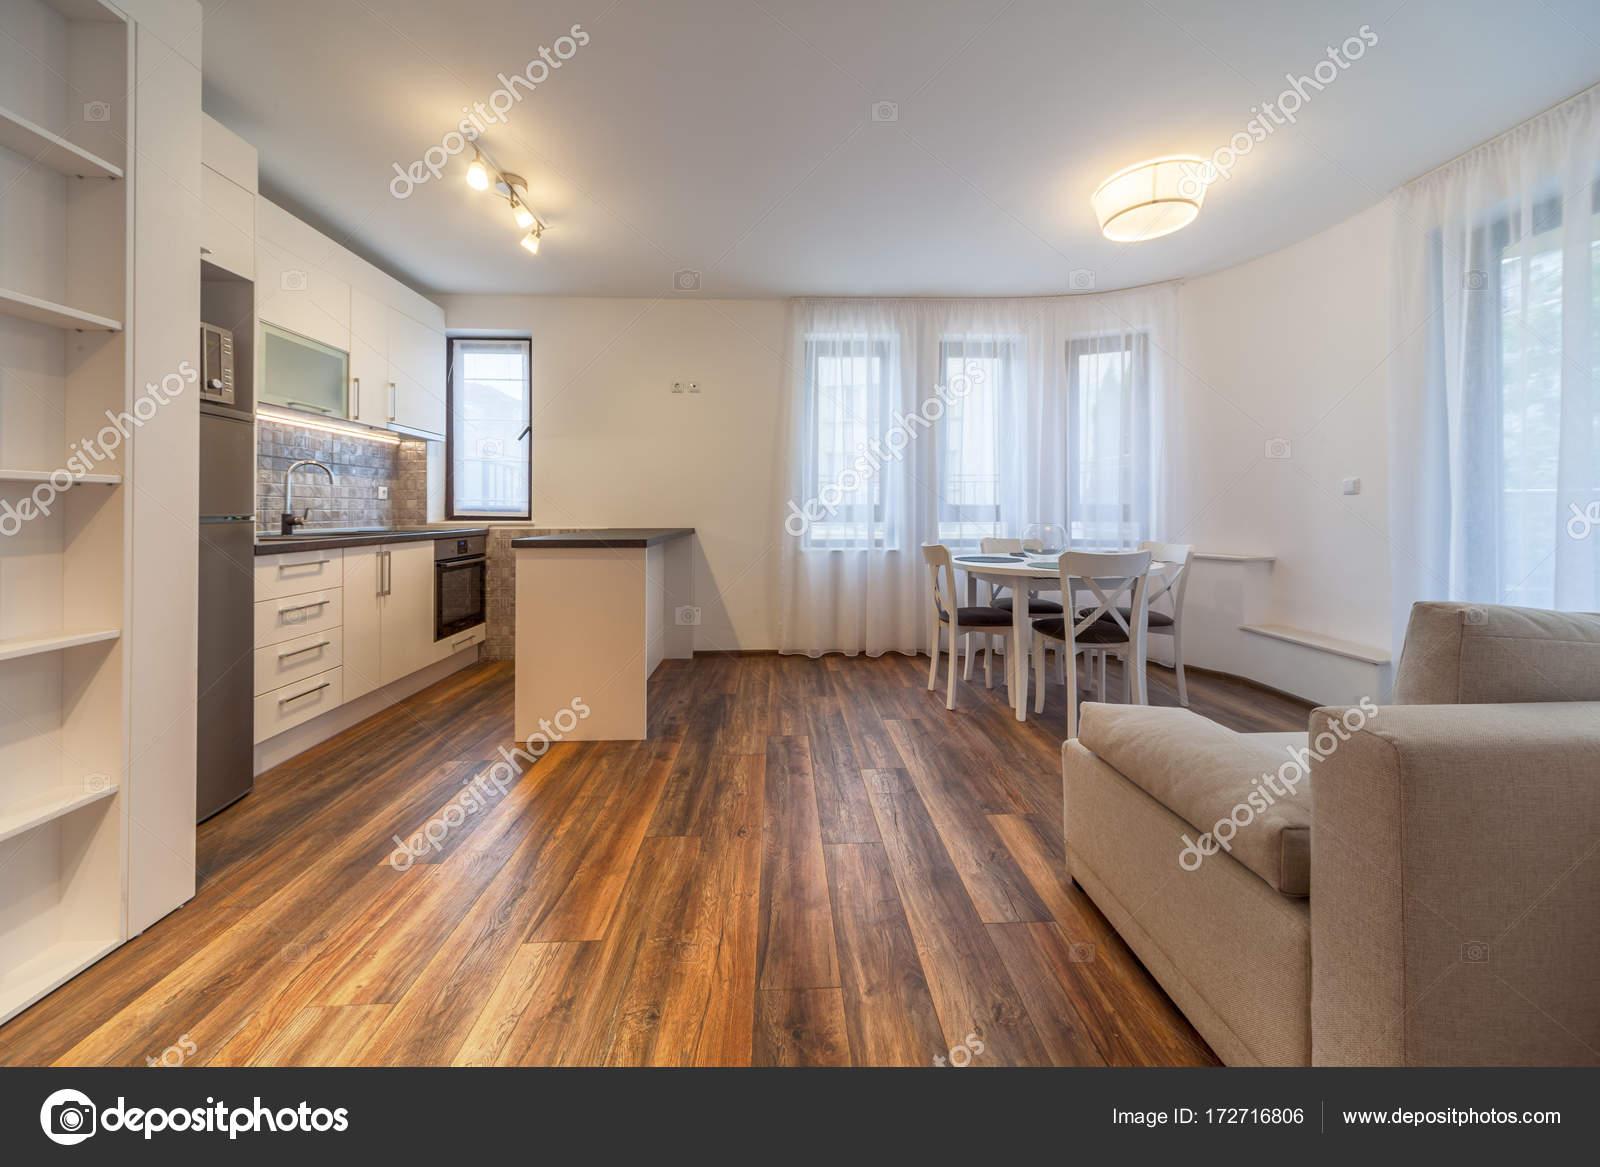 Nieuwe moderne woonkamer met keuken Nieuw huis